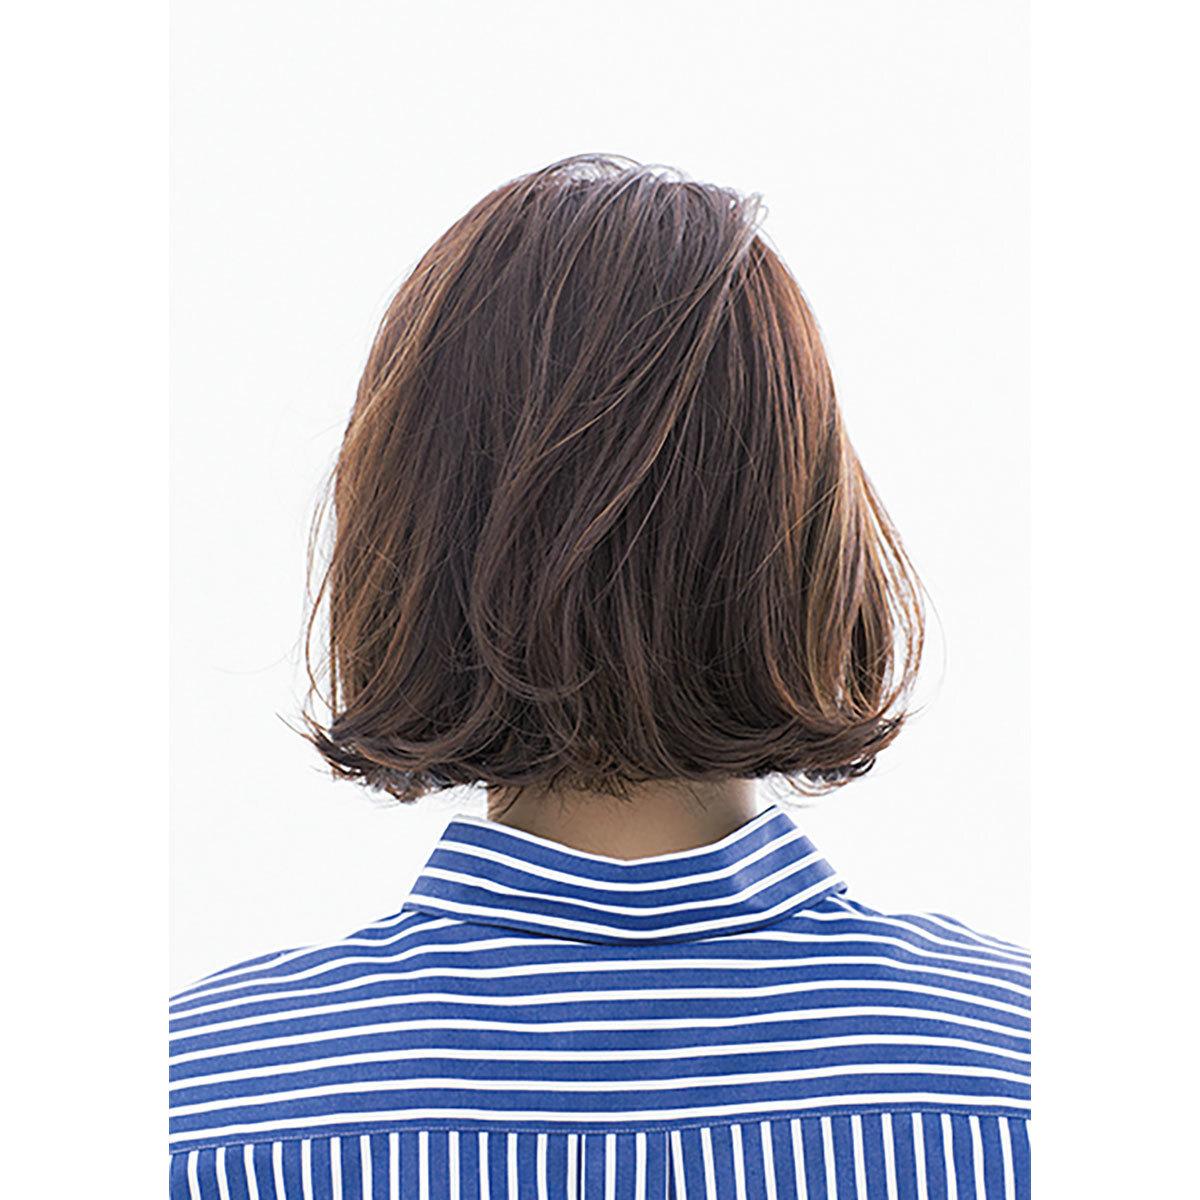 後ろから見た40代に似合う髪型 ヘアスタイル人気ランキング5位